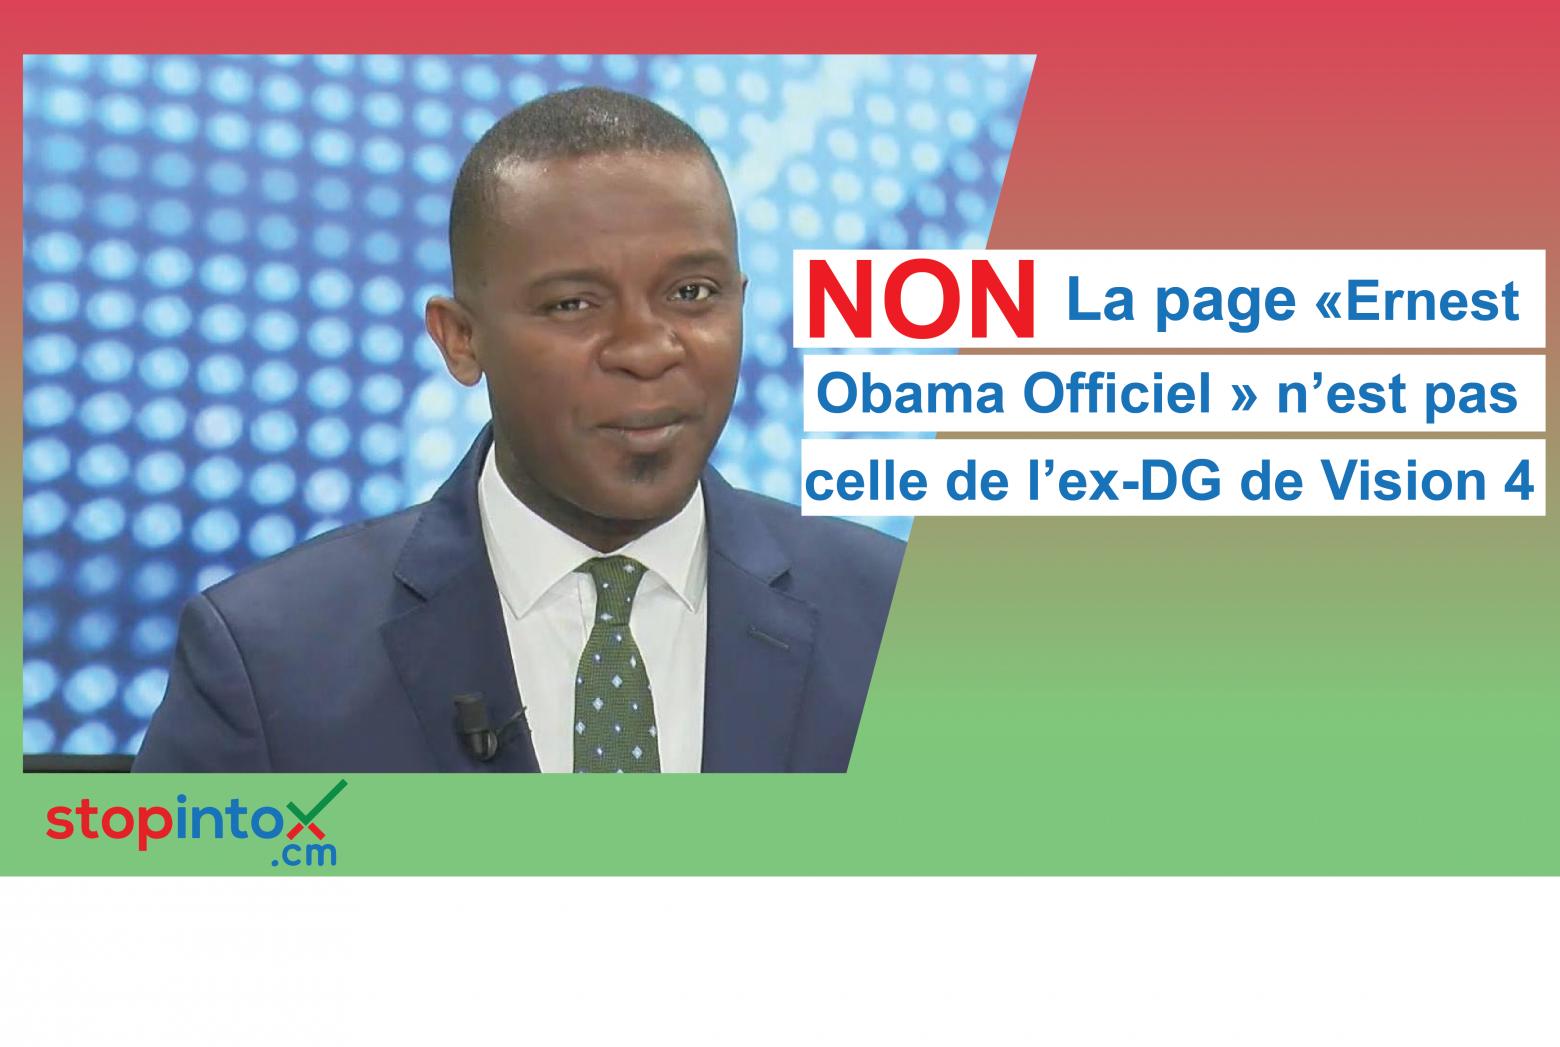 NON, la page «Ernest Obama Officiel » n'est pas celle de l'ex-DG de Vision 4